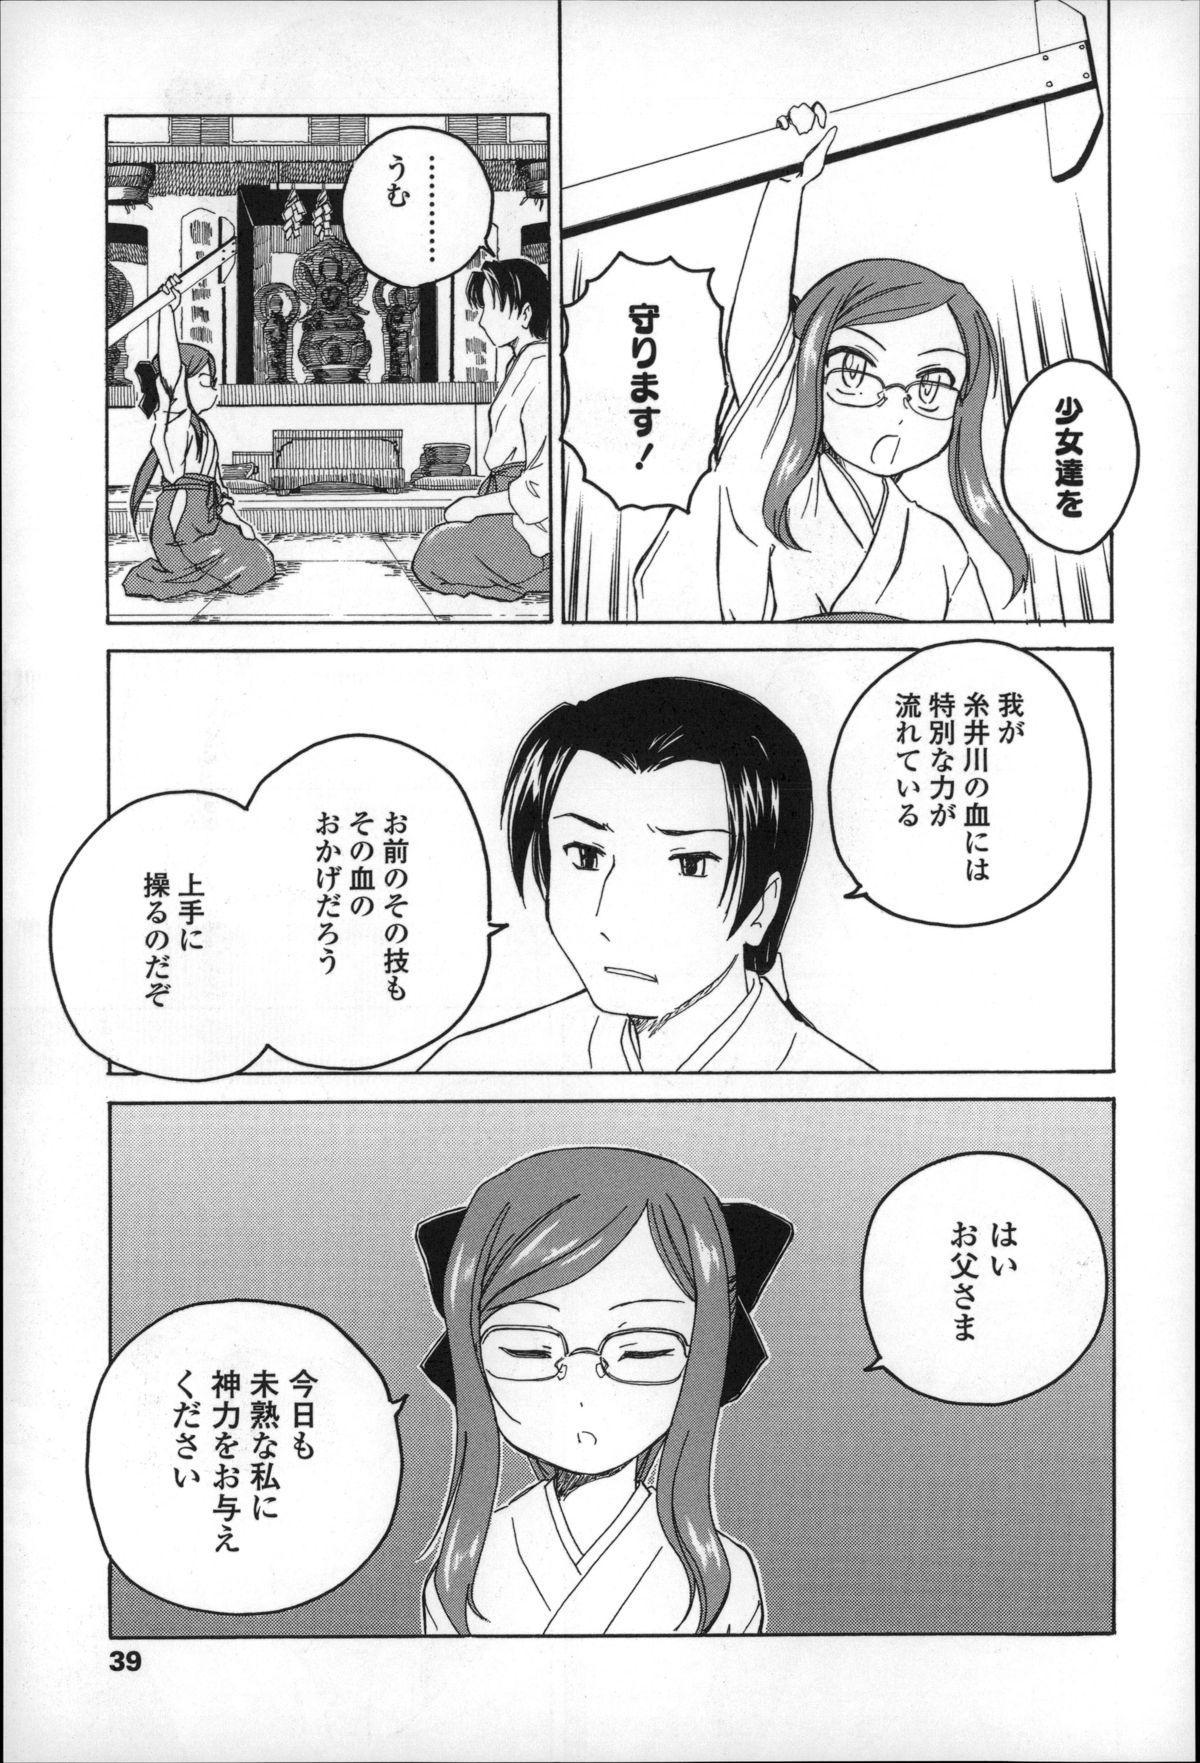 Youshou no Hana no Himitsu - The secret of Girls flowers 42